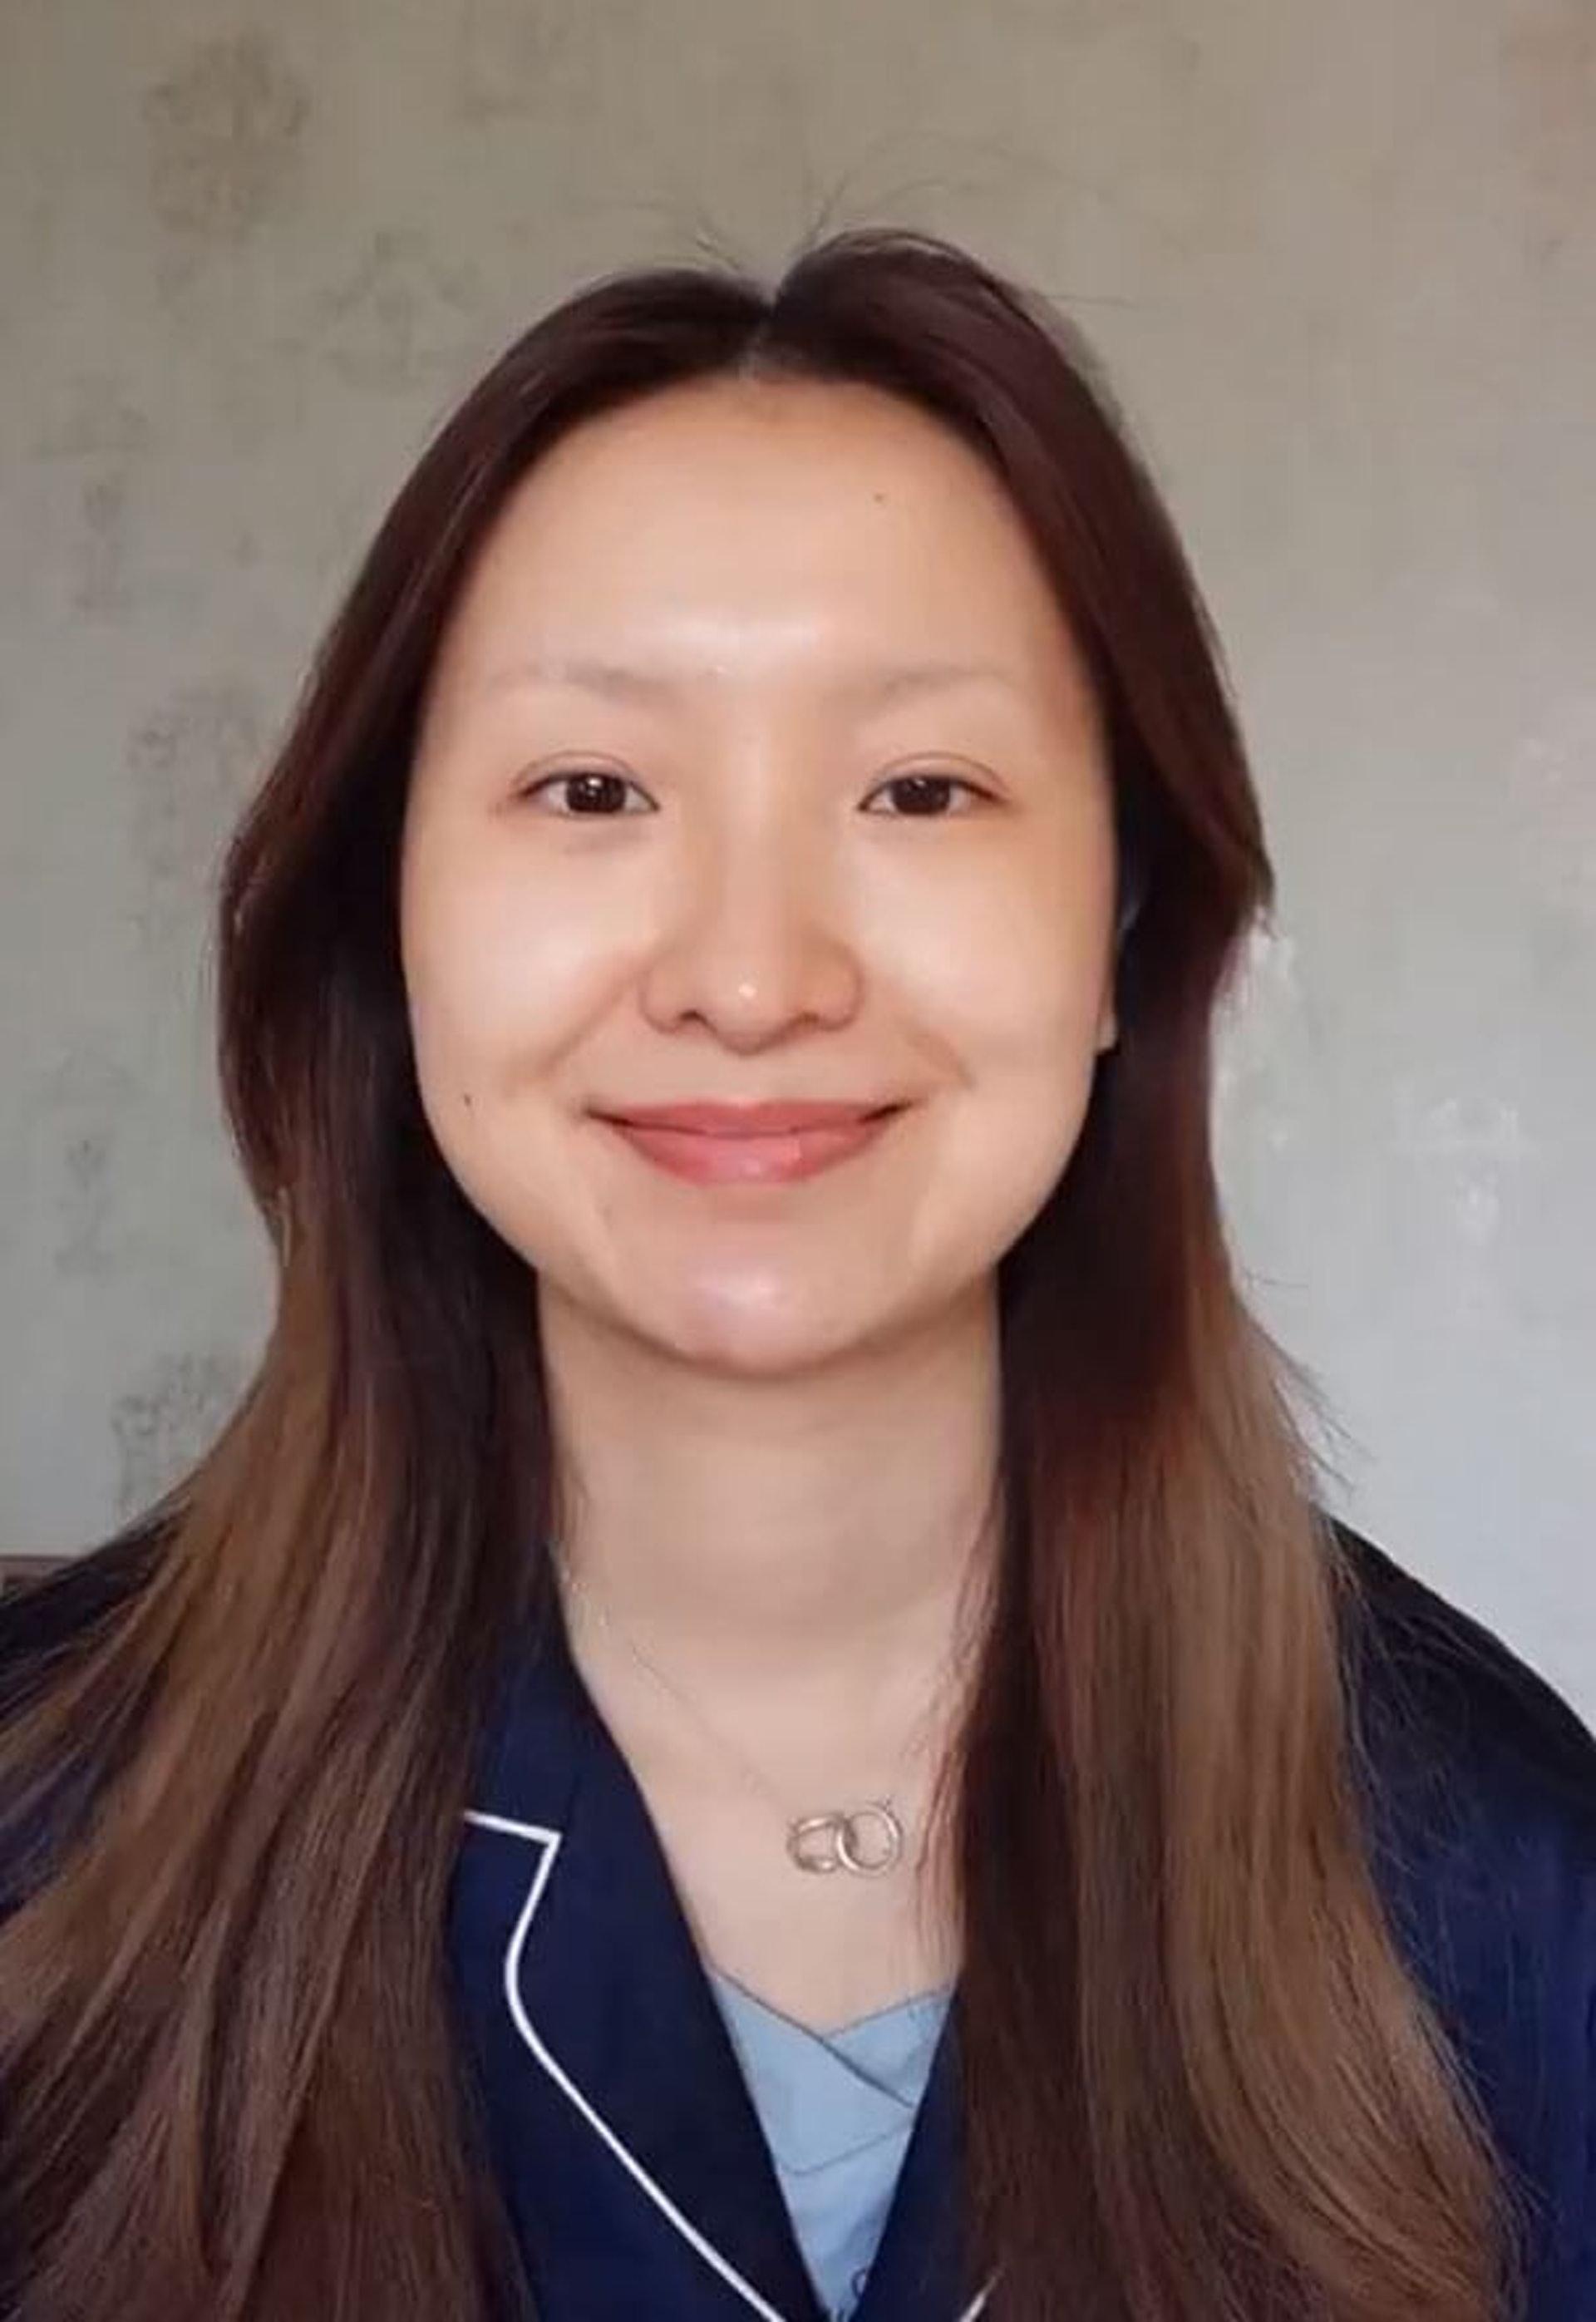 Makyaj Olayını Everest'e Çıkararak Görenleri Şaşkına Çeviren Çinli Makyaj Sanatçısı - 1